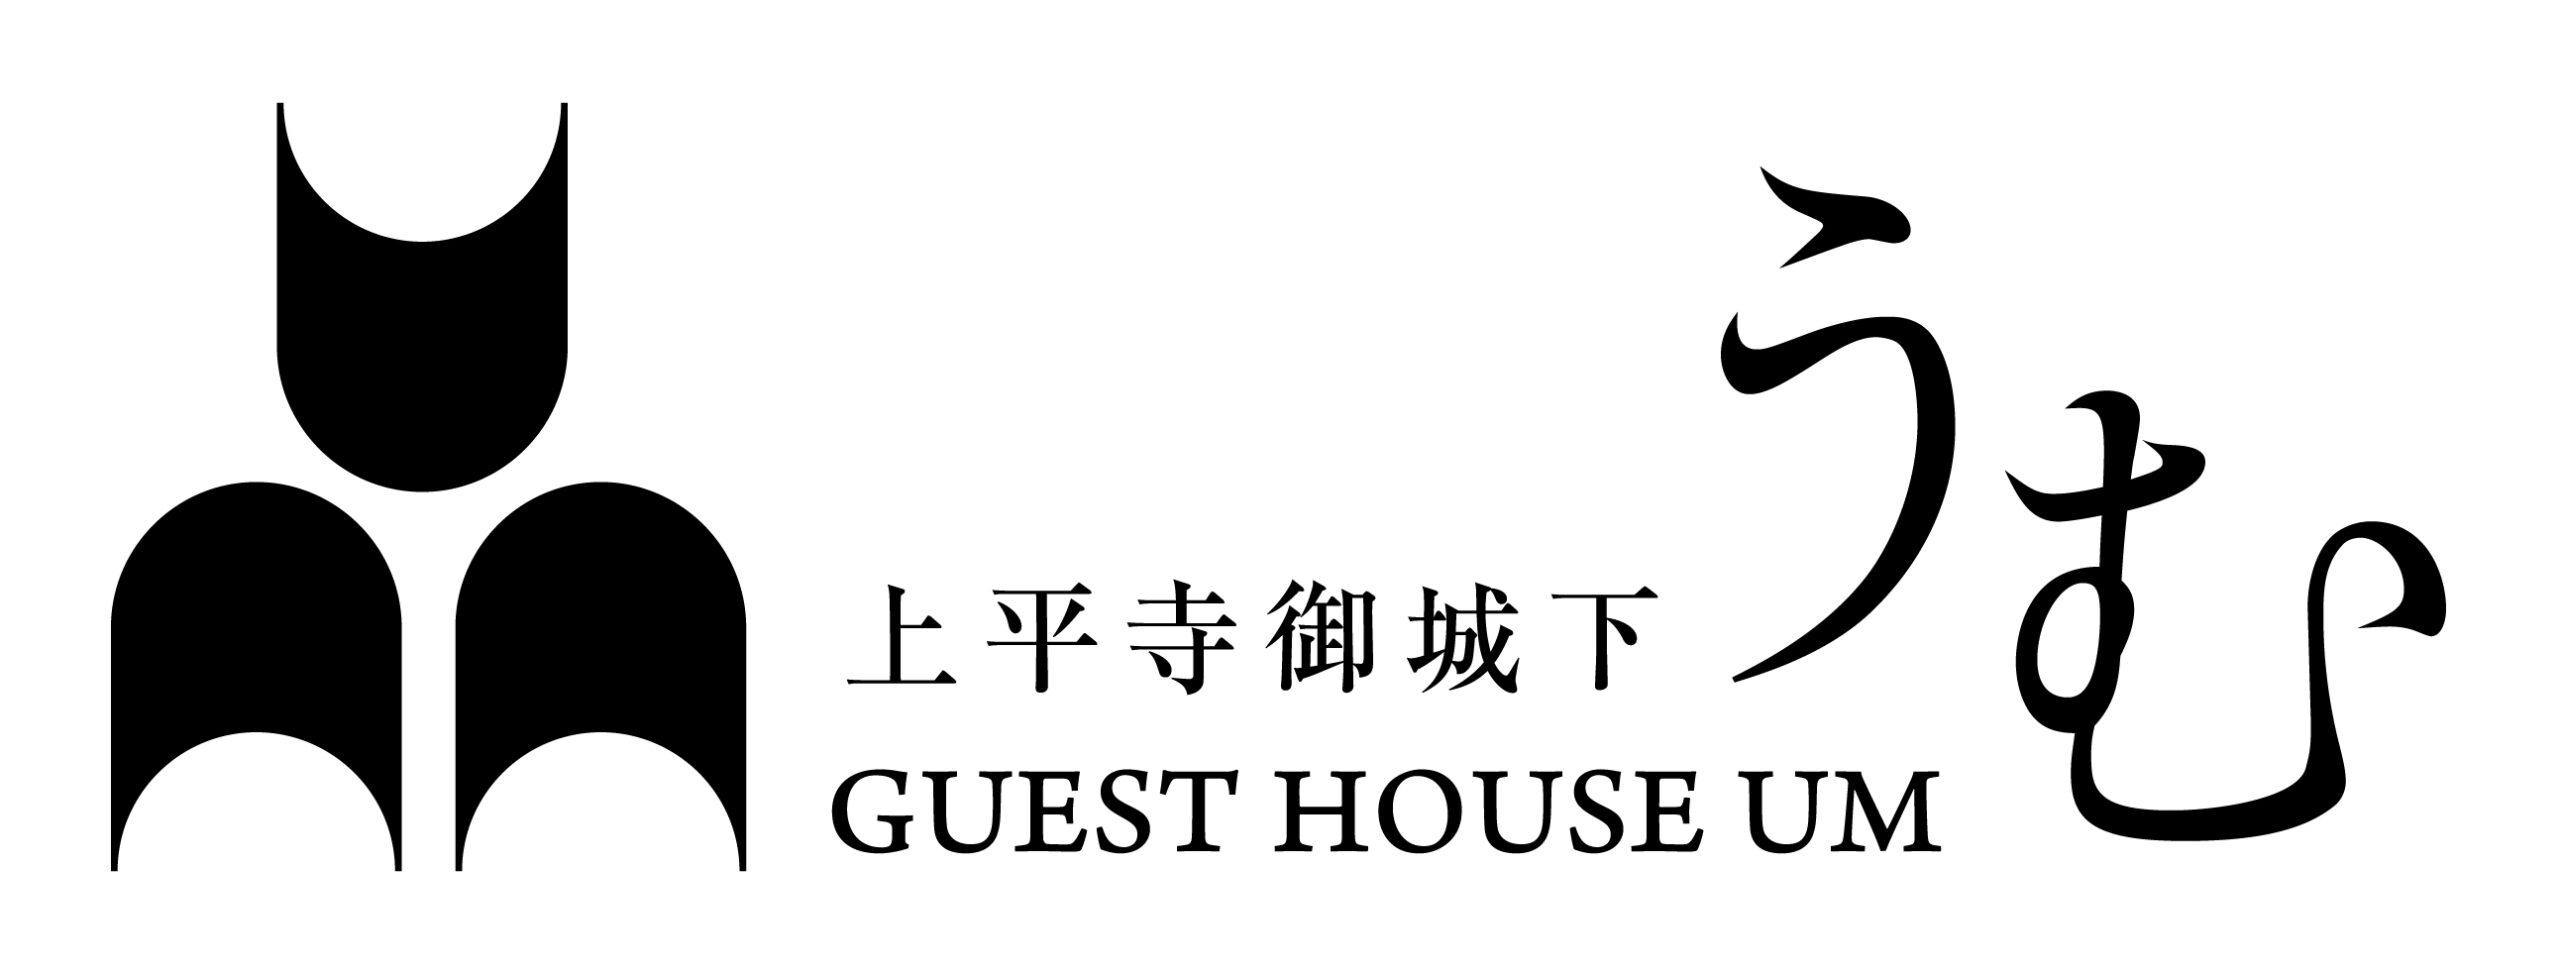 上平寺御城下うむロゴ